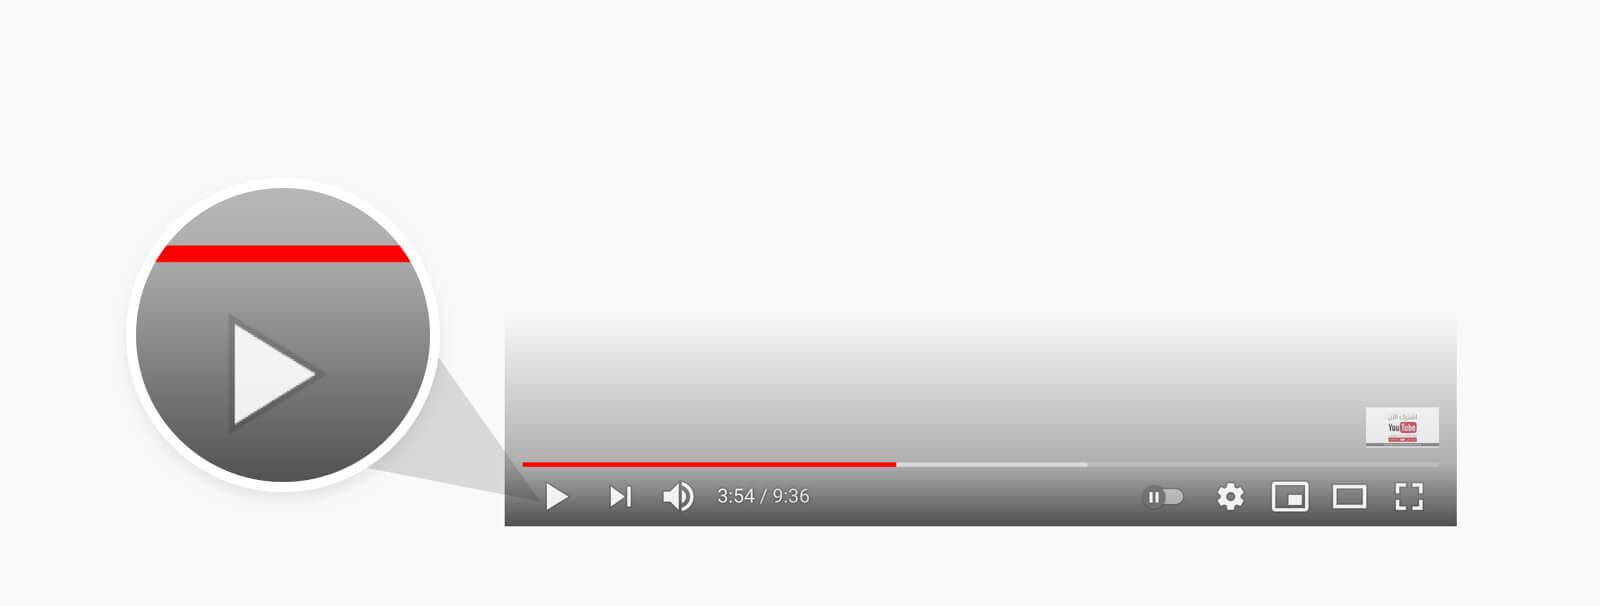 градиент под элементами управления youtube-проигрывателя для видео